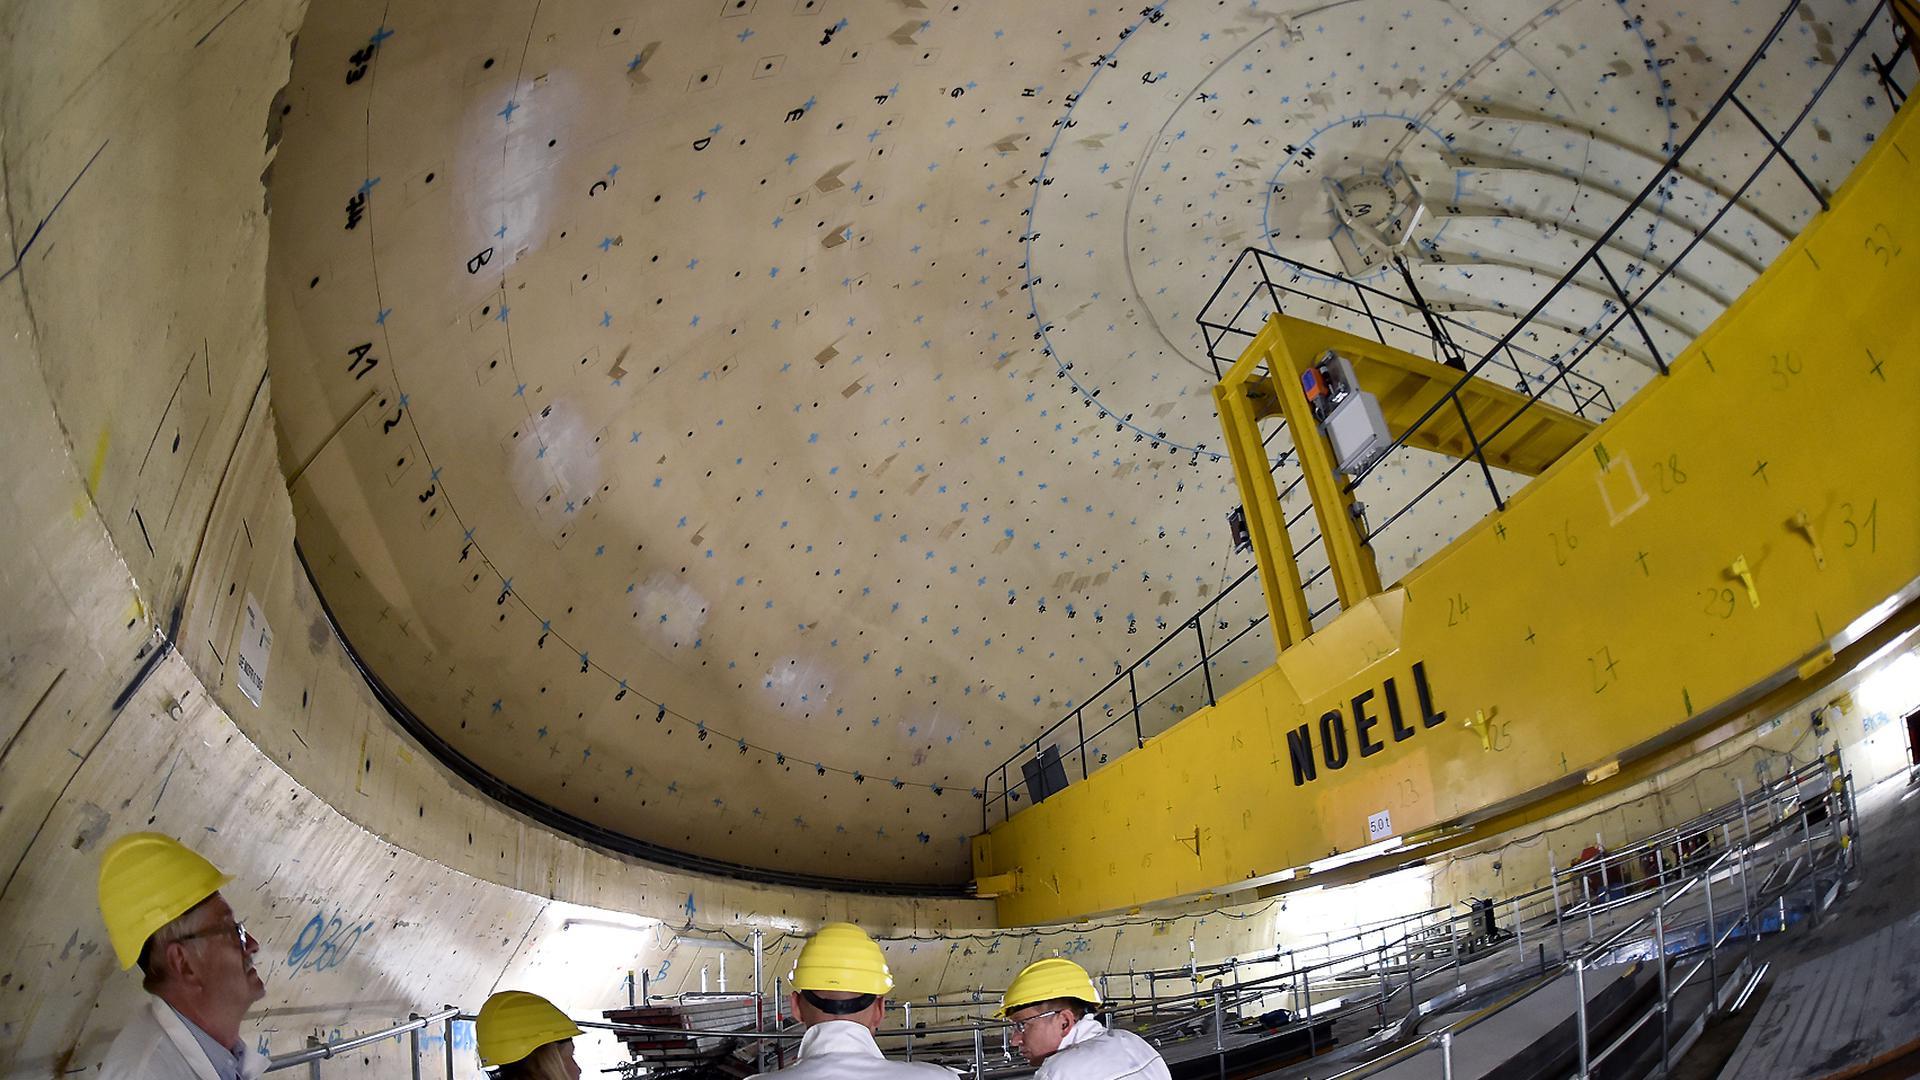 """Im Kern des früheren Mehrzweckforschungsreaktors MZFR in Eggenstein-Leopoldshafen. Das Kuppeldach der Anlage soll etwa 2022 abgenommen werden. Blaue Markierungen an Kuppel und Wänden zeigen an, dass die jeweiligen Abschnitte """"freigemessen"""" wurden, also nicht länger radioaktiv sind."""